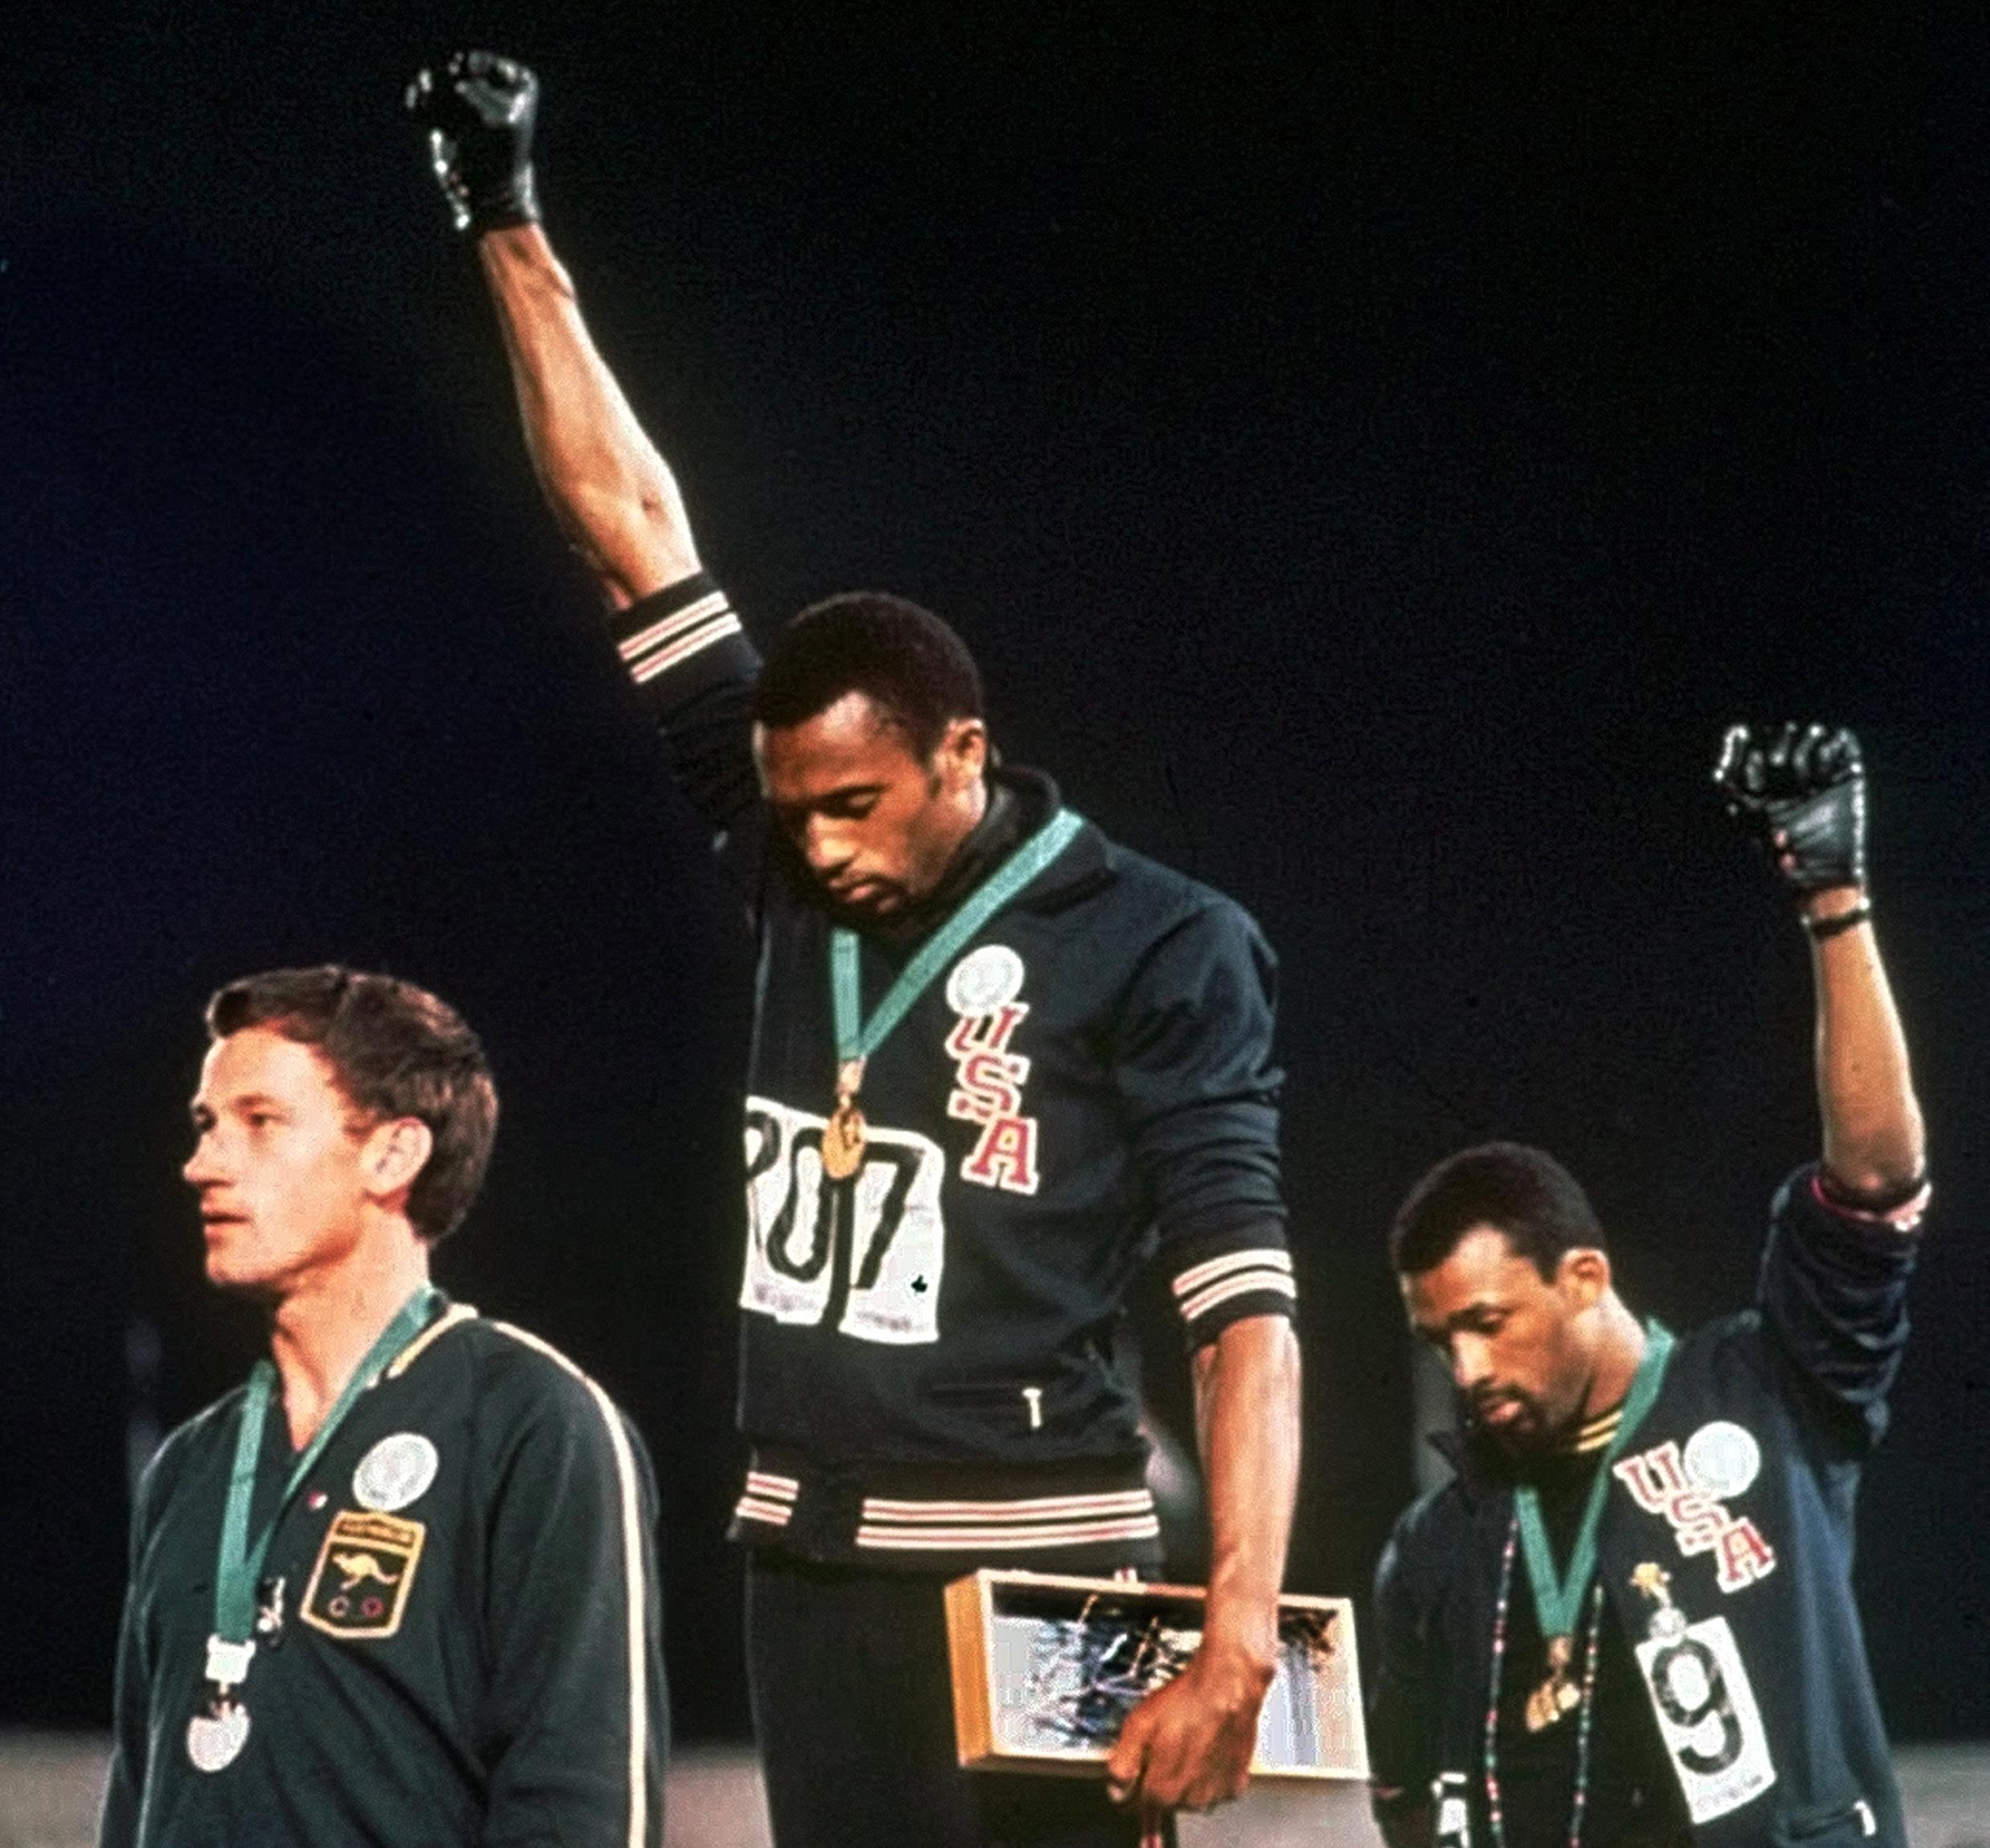 Juegos Olímpicos: Símbolos de protesta como alzar el puño o arrodillarse serán sancionados